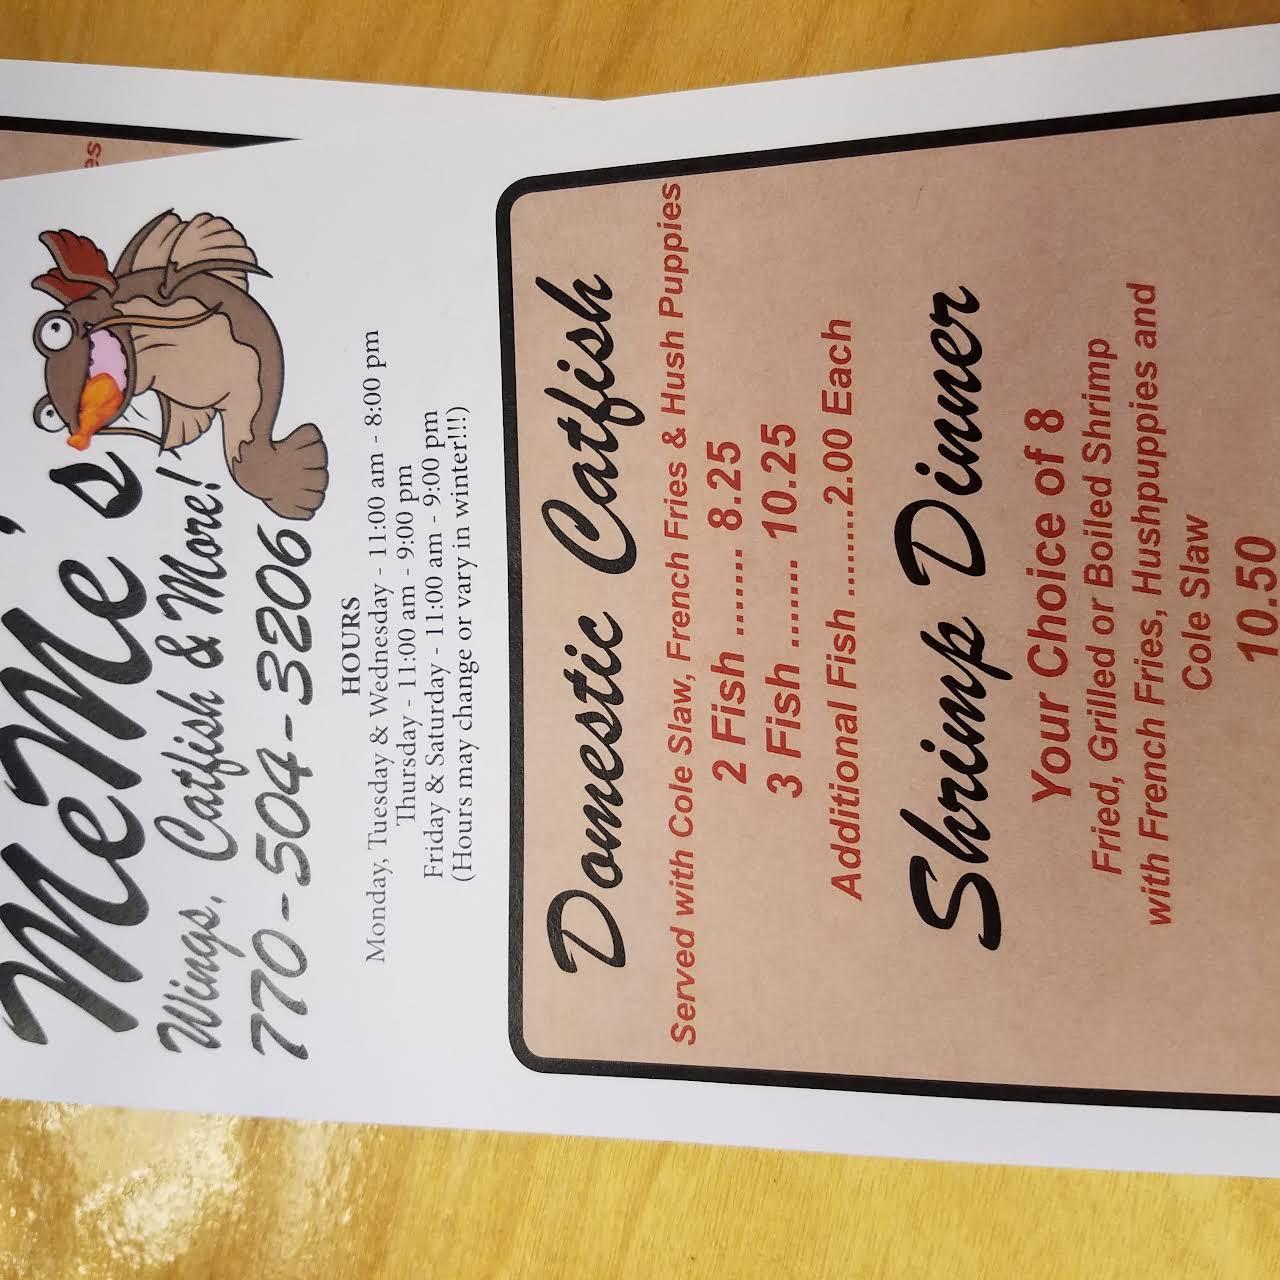 Meme S Wings Catfish More Restaurant In Jenkinsburg